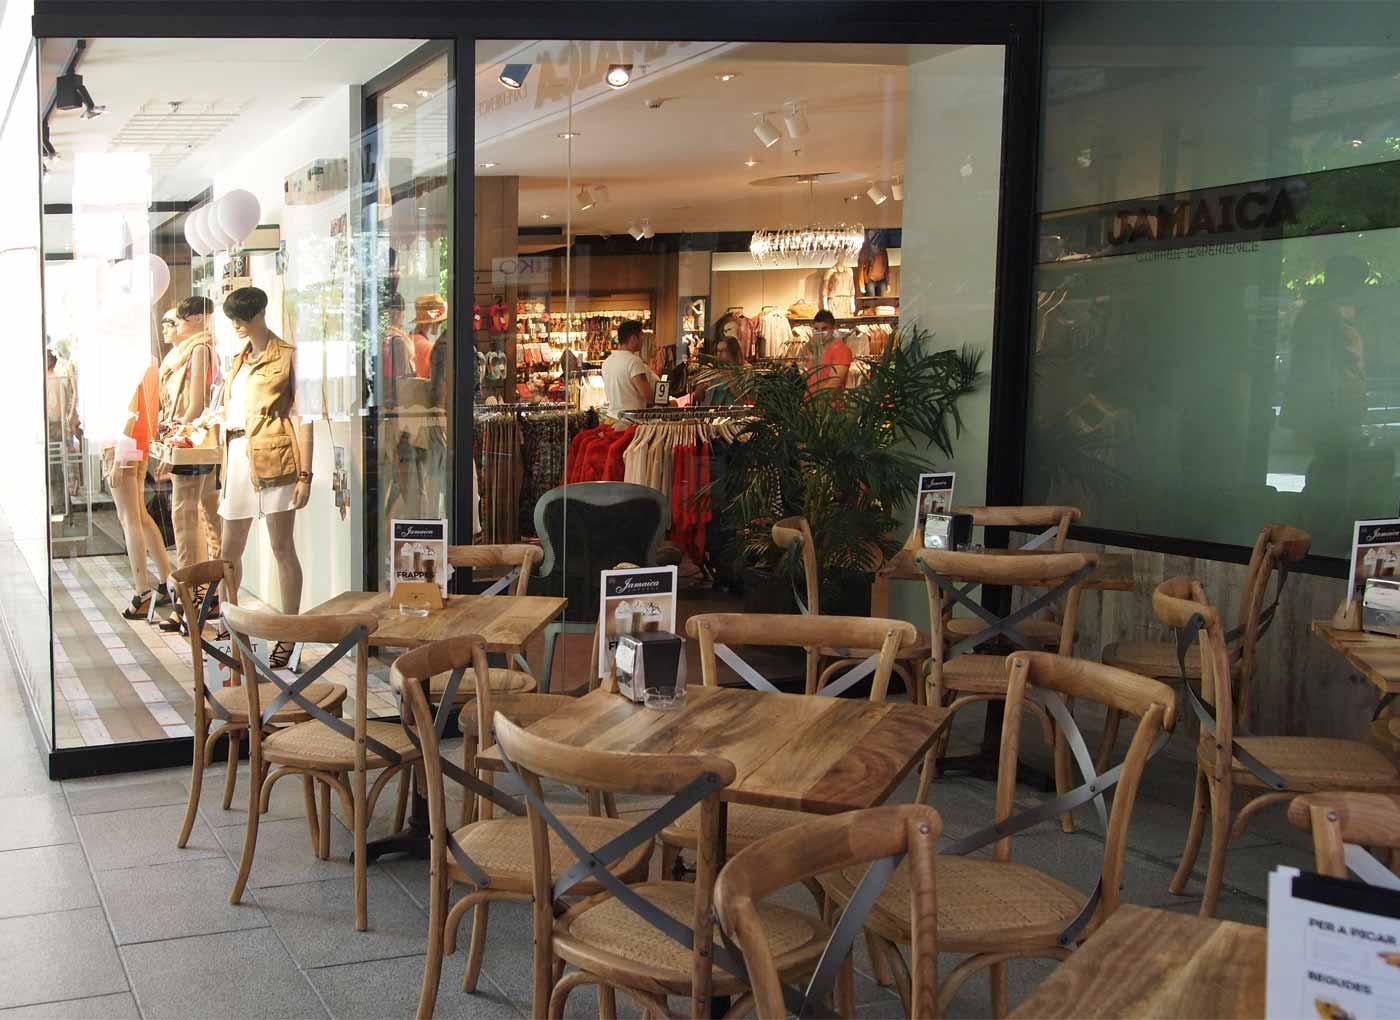 Francisco segarra proyecta en local de jamaica coffee shop - Muebles cafeteria ...